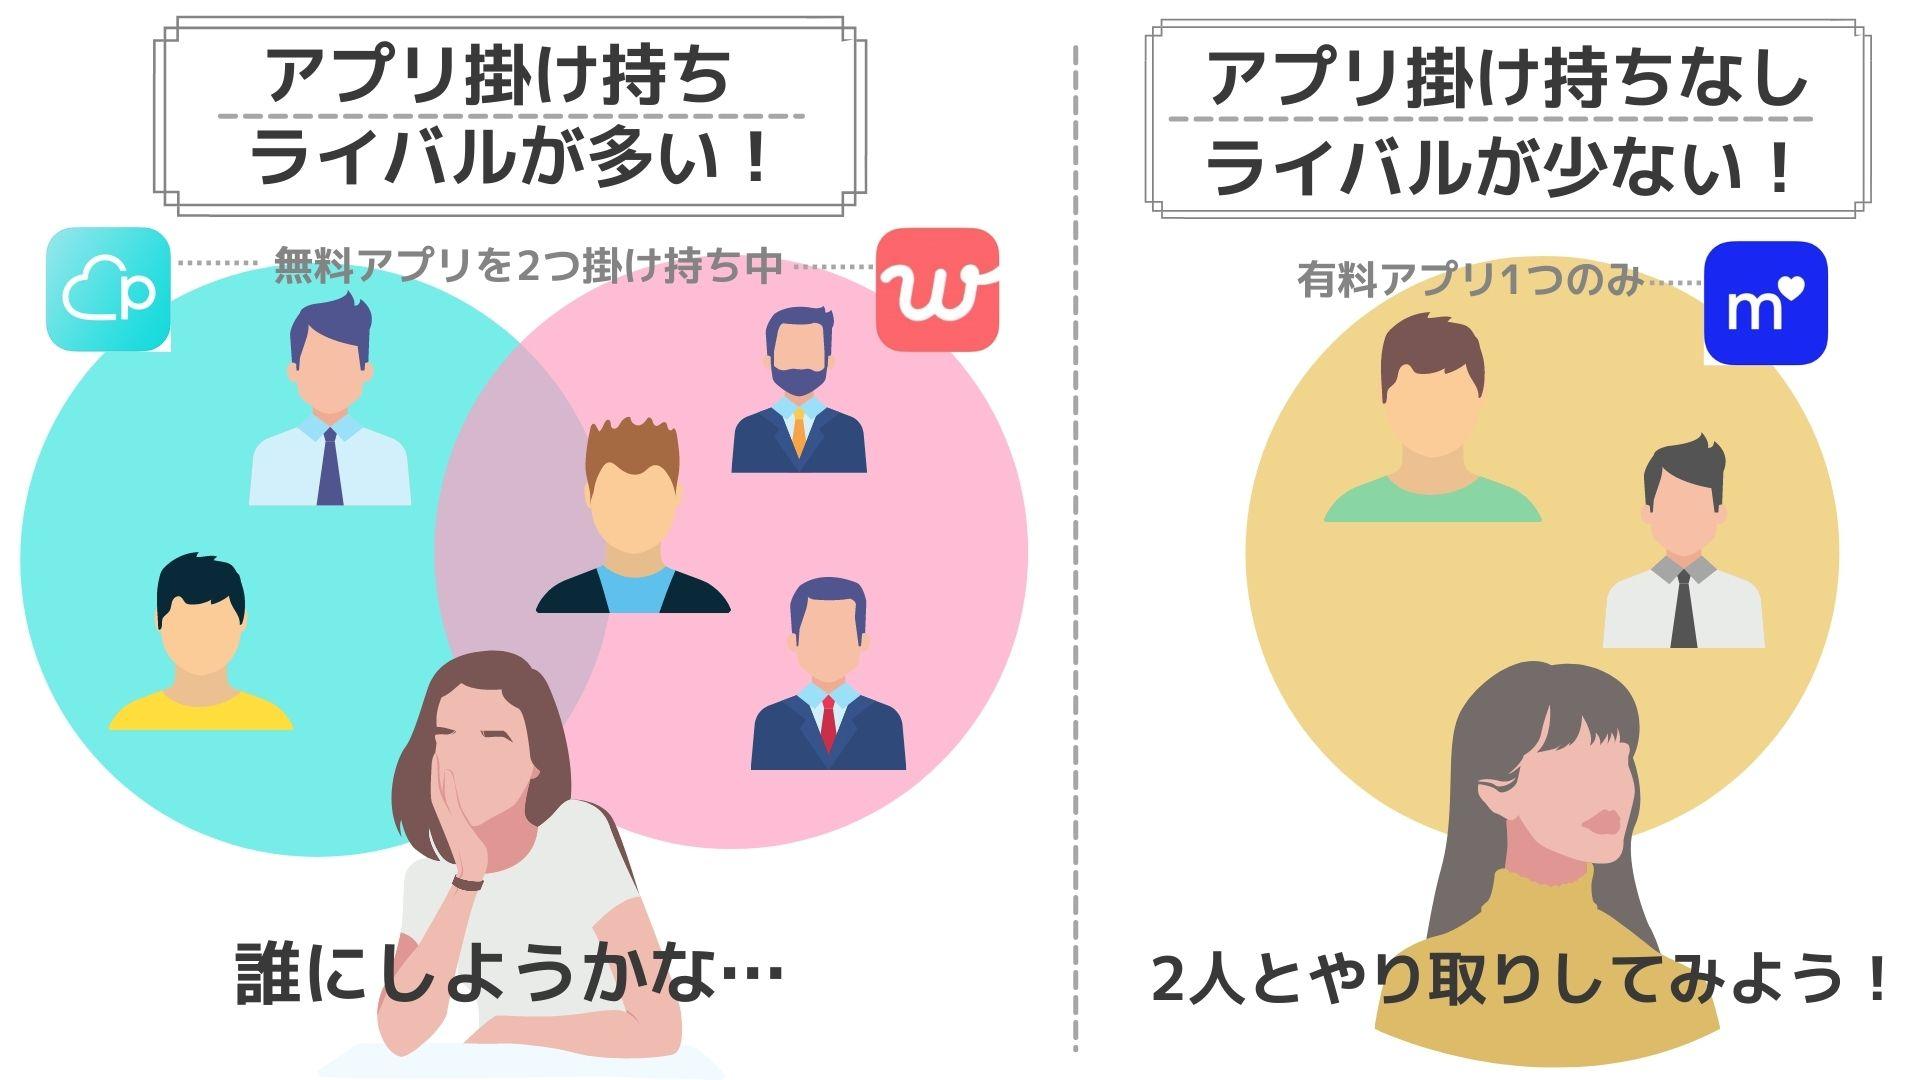 マッチングアプリ掛け持ち (1)